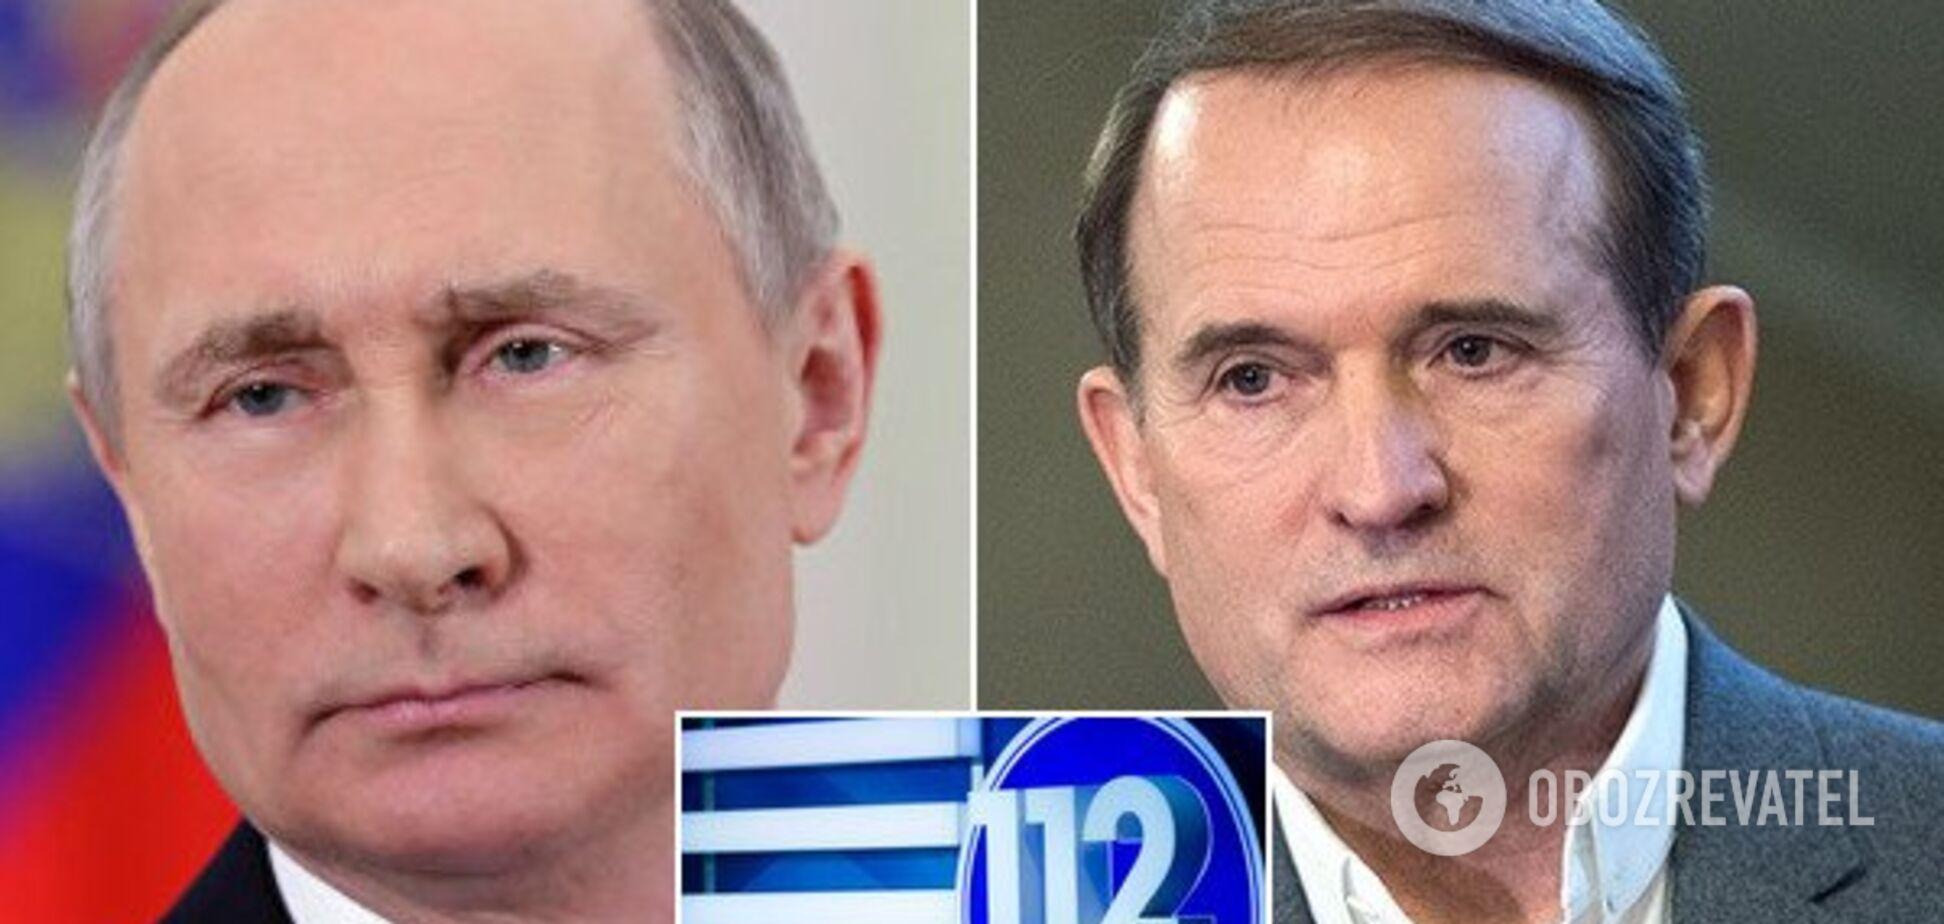 Належать Путіну: Порошенко розкрив правду про три українські канали